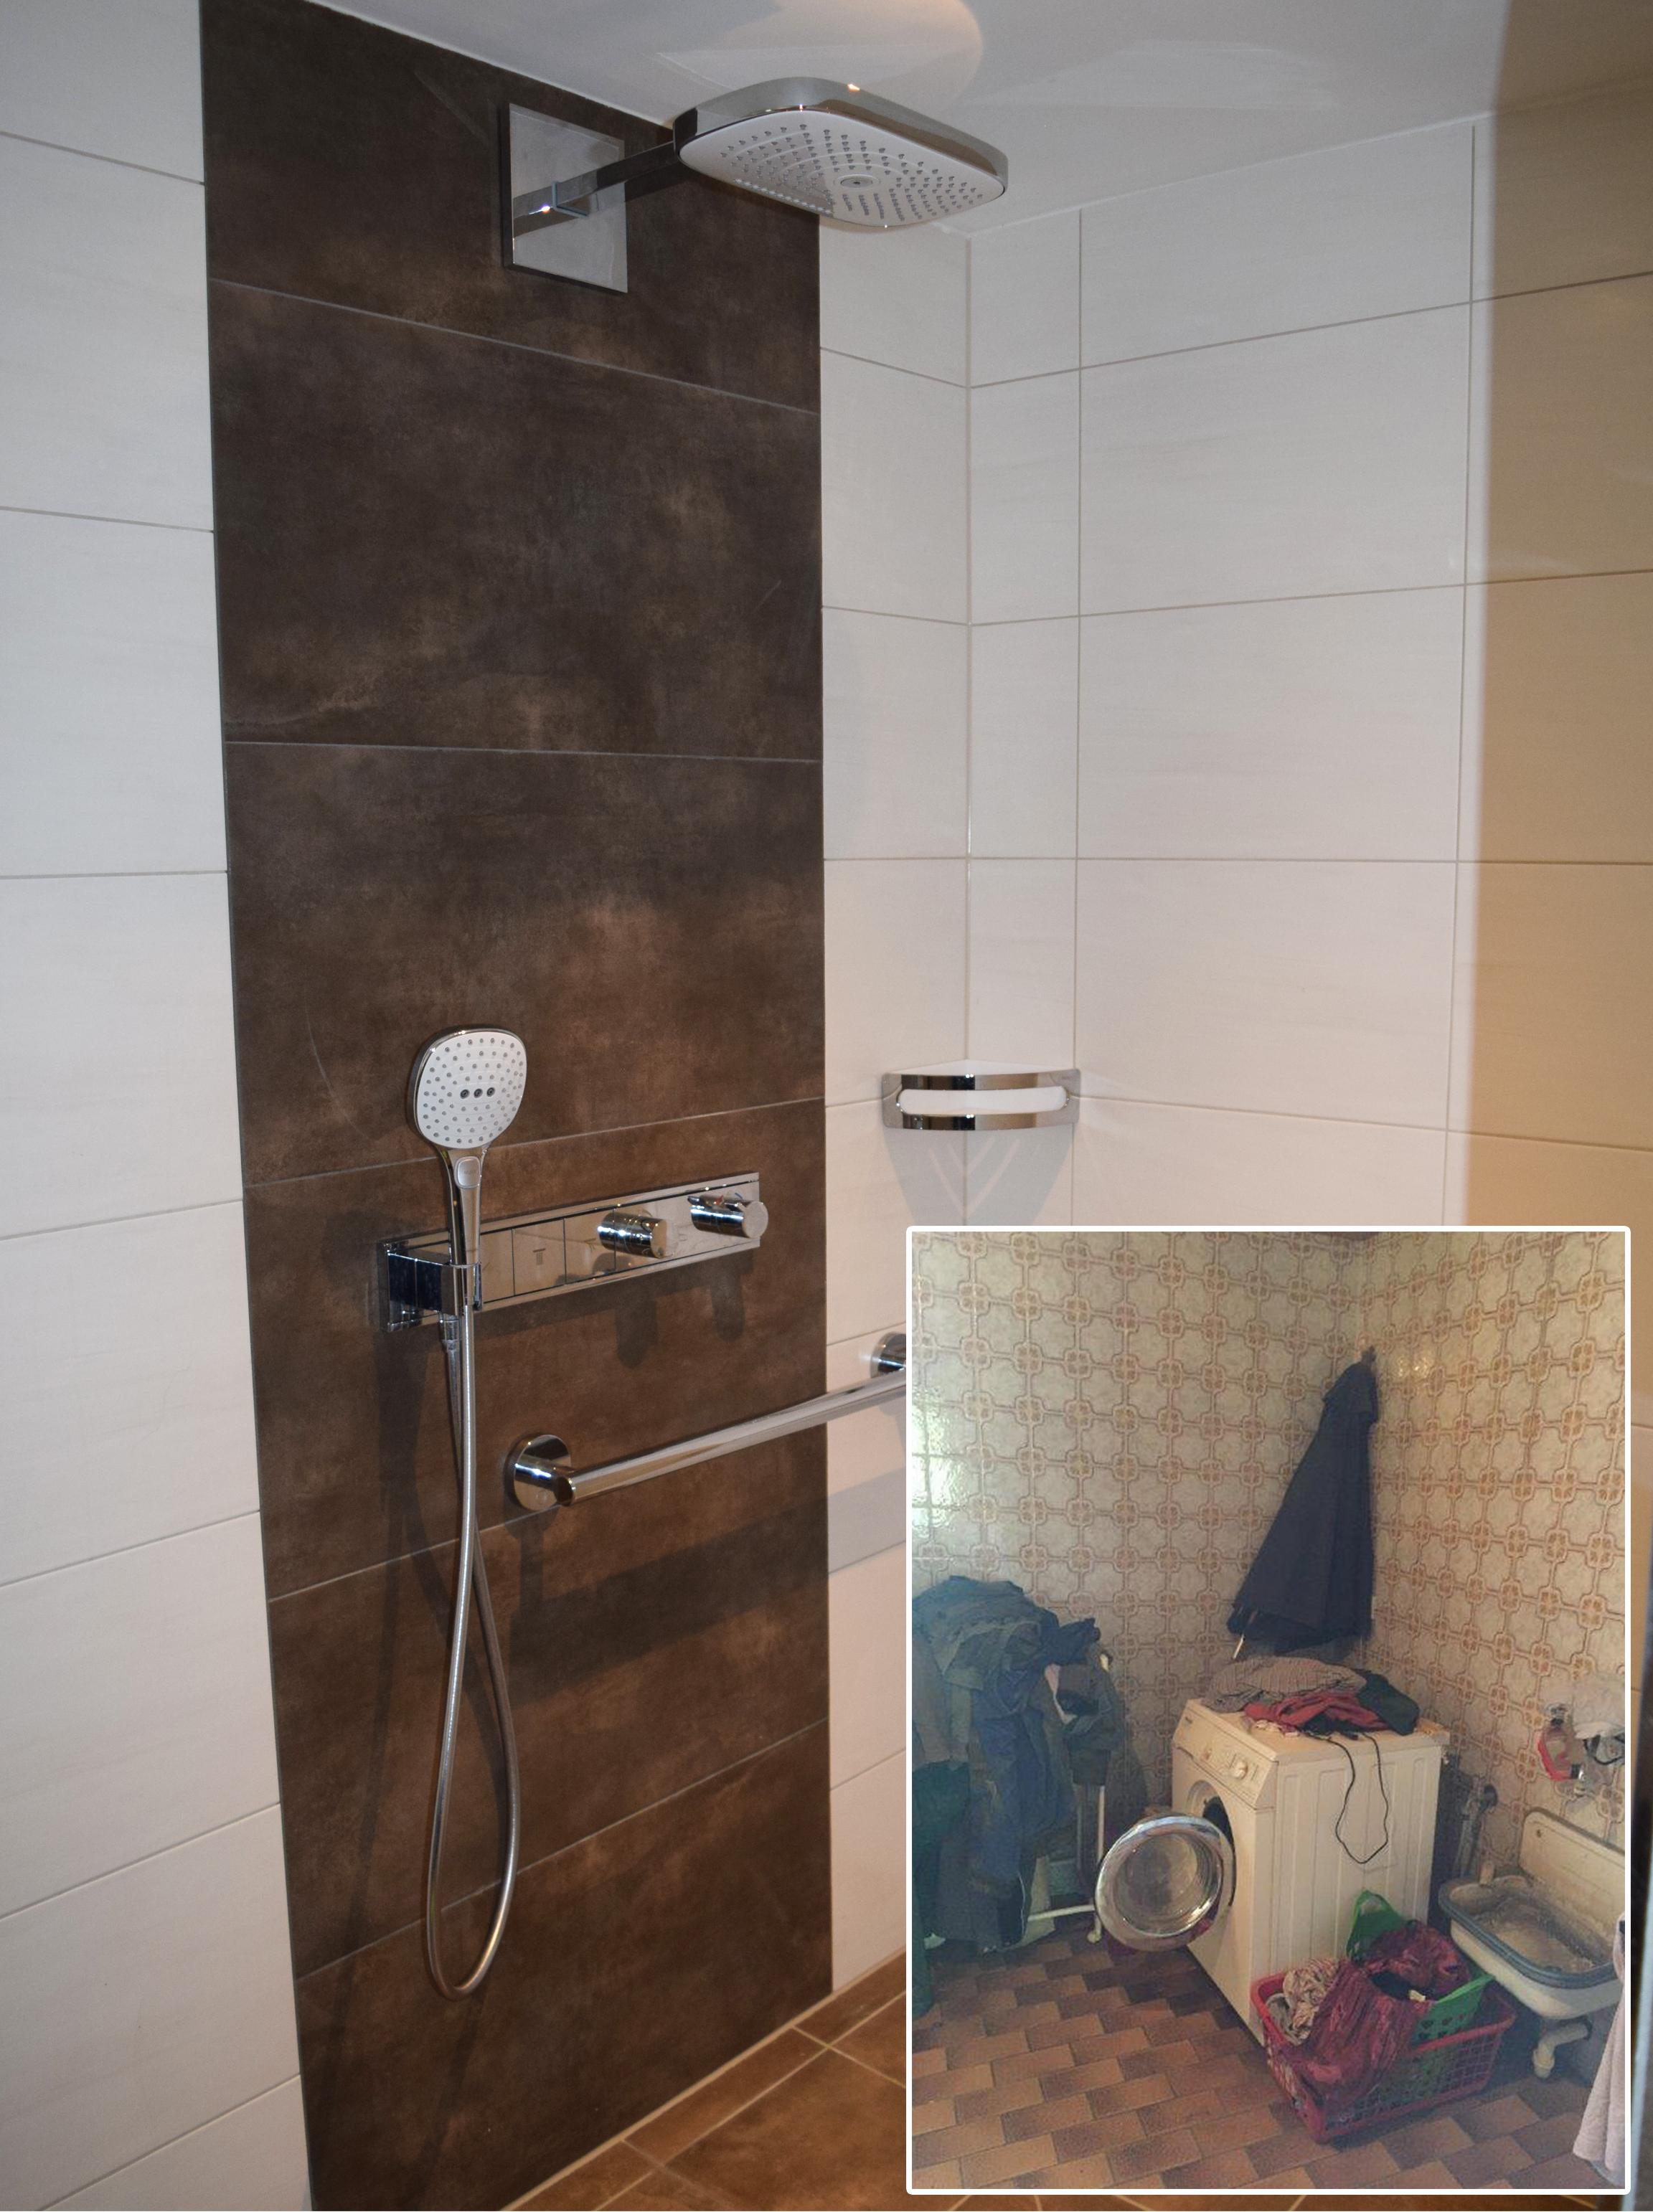 Sorgen Auch Sie Fur Einen Tapetenwechsel In Ihrem Badezimmer Mit Dem Bader Sehen Planen Kaufen Handler In Ih In 2020 Badezimmer Inspiration Badezimmerideen Bad Design